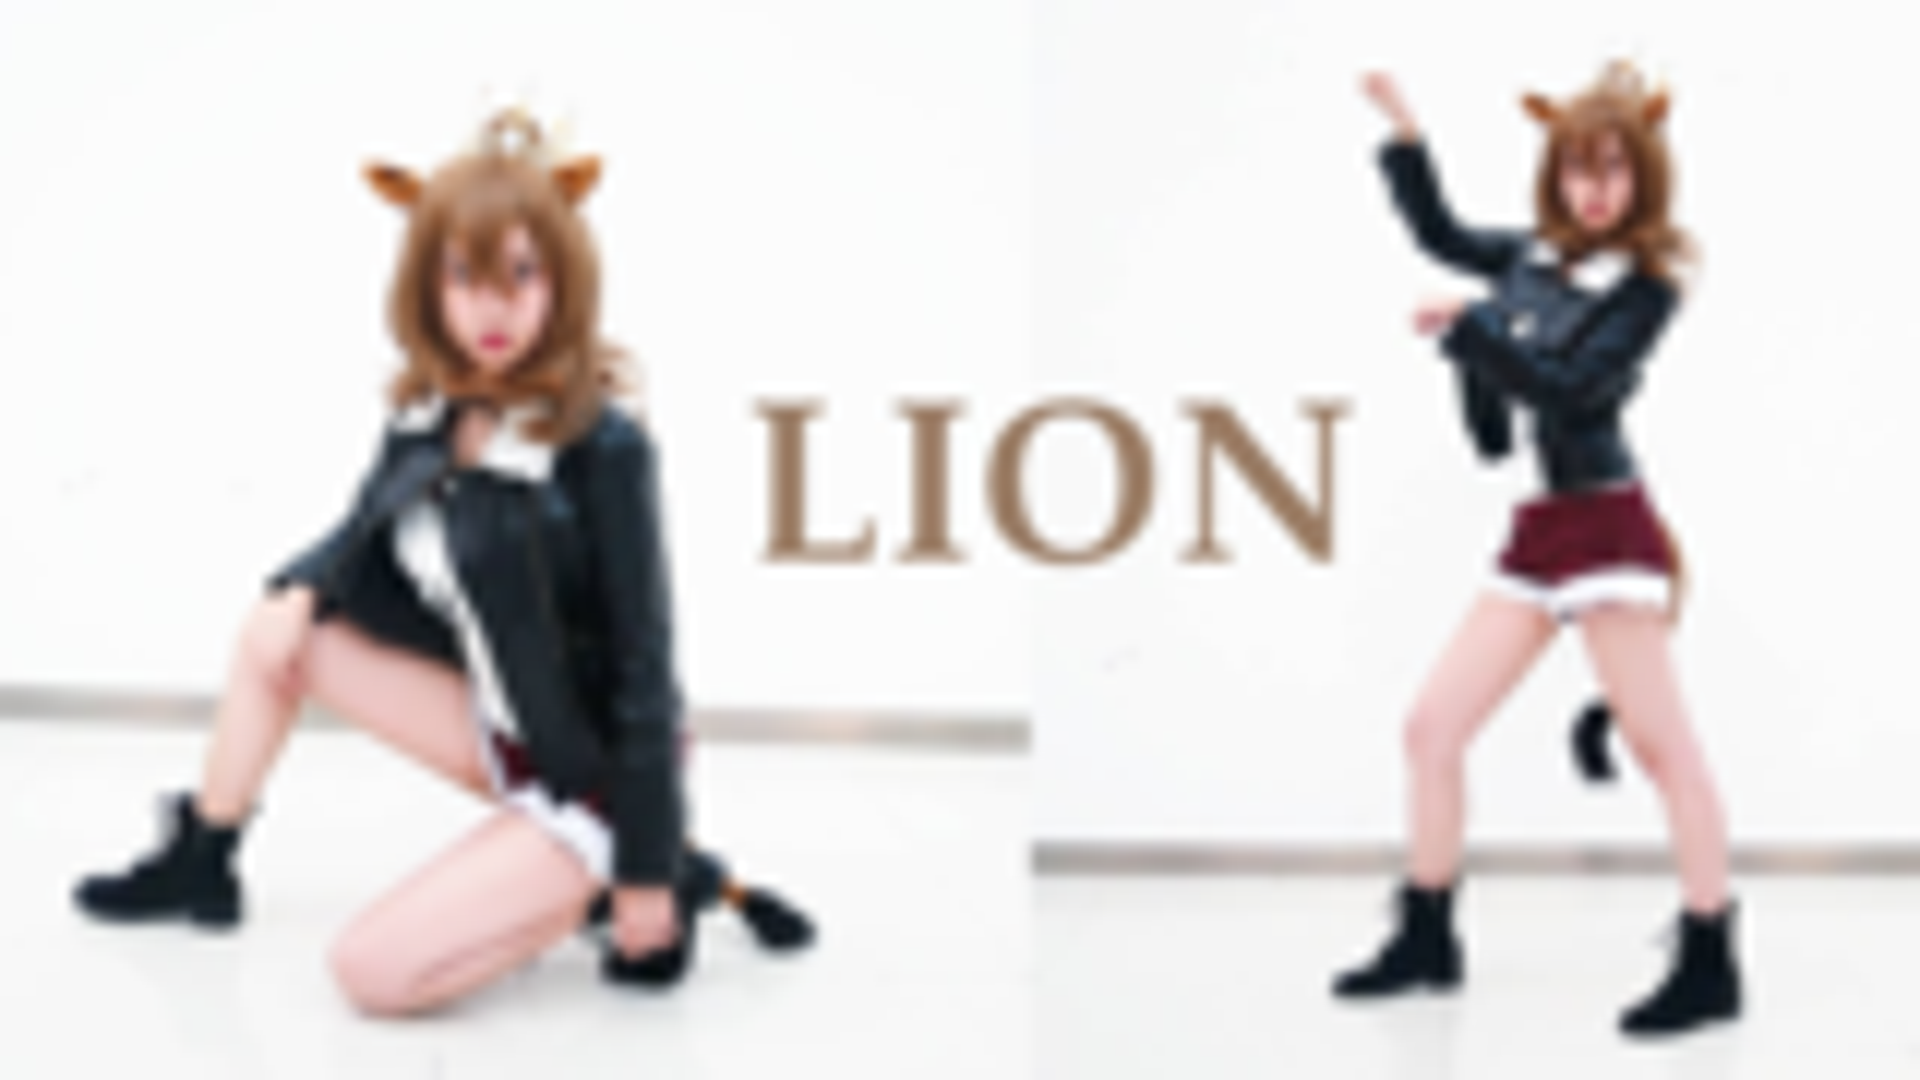 【推进之王cos】LION——幼狮终将加冕【多尔】【明日方舟】